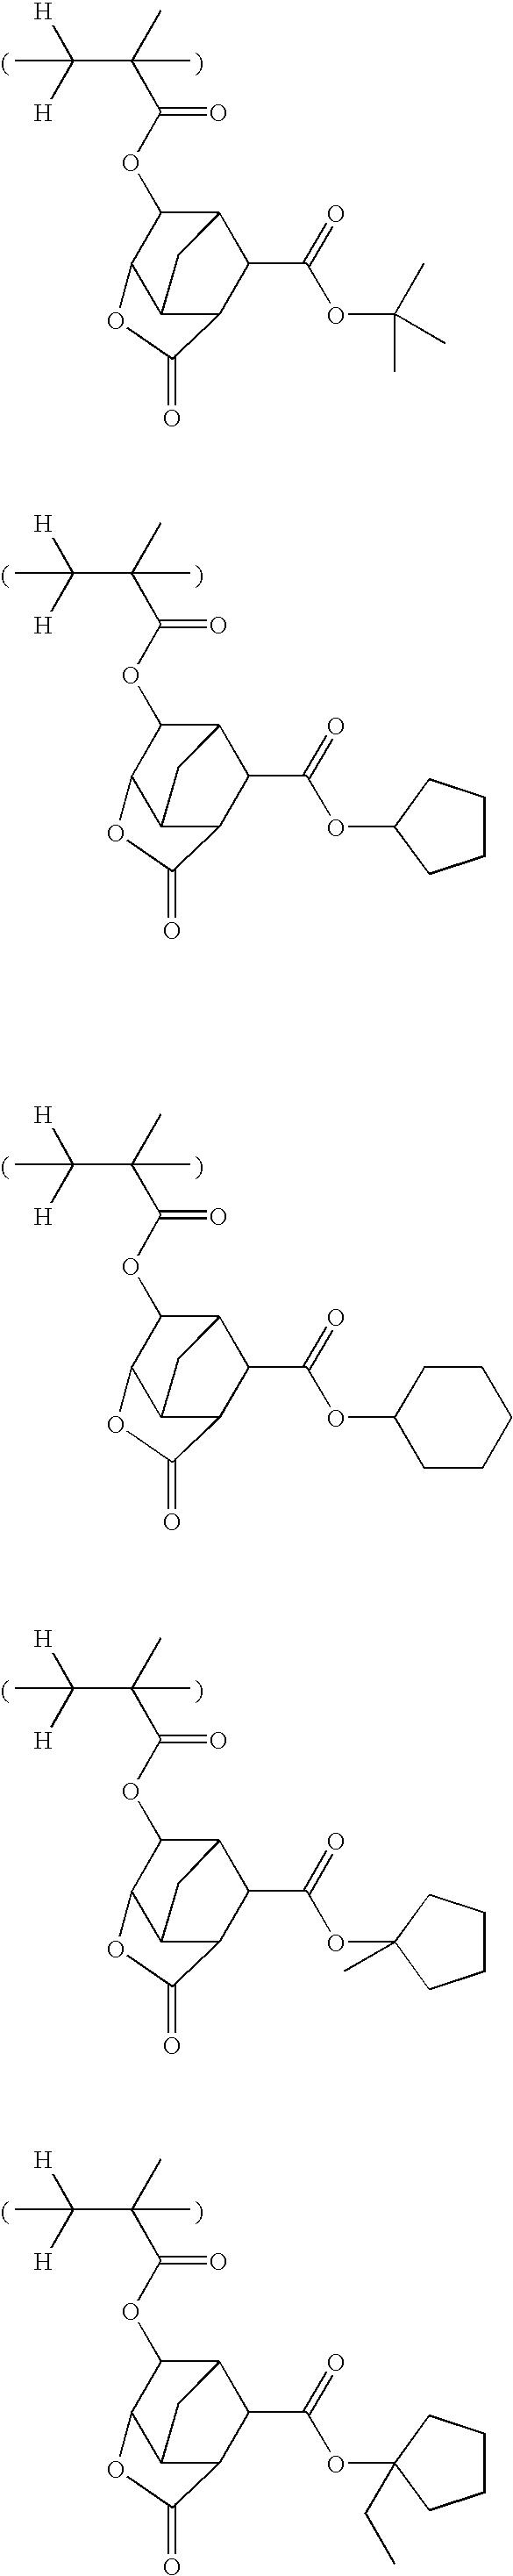 Figure US20070231738A1-20071004-C00041